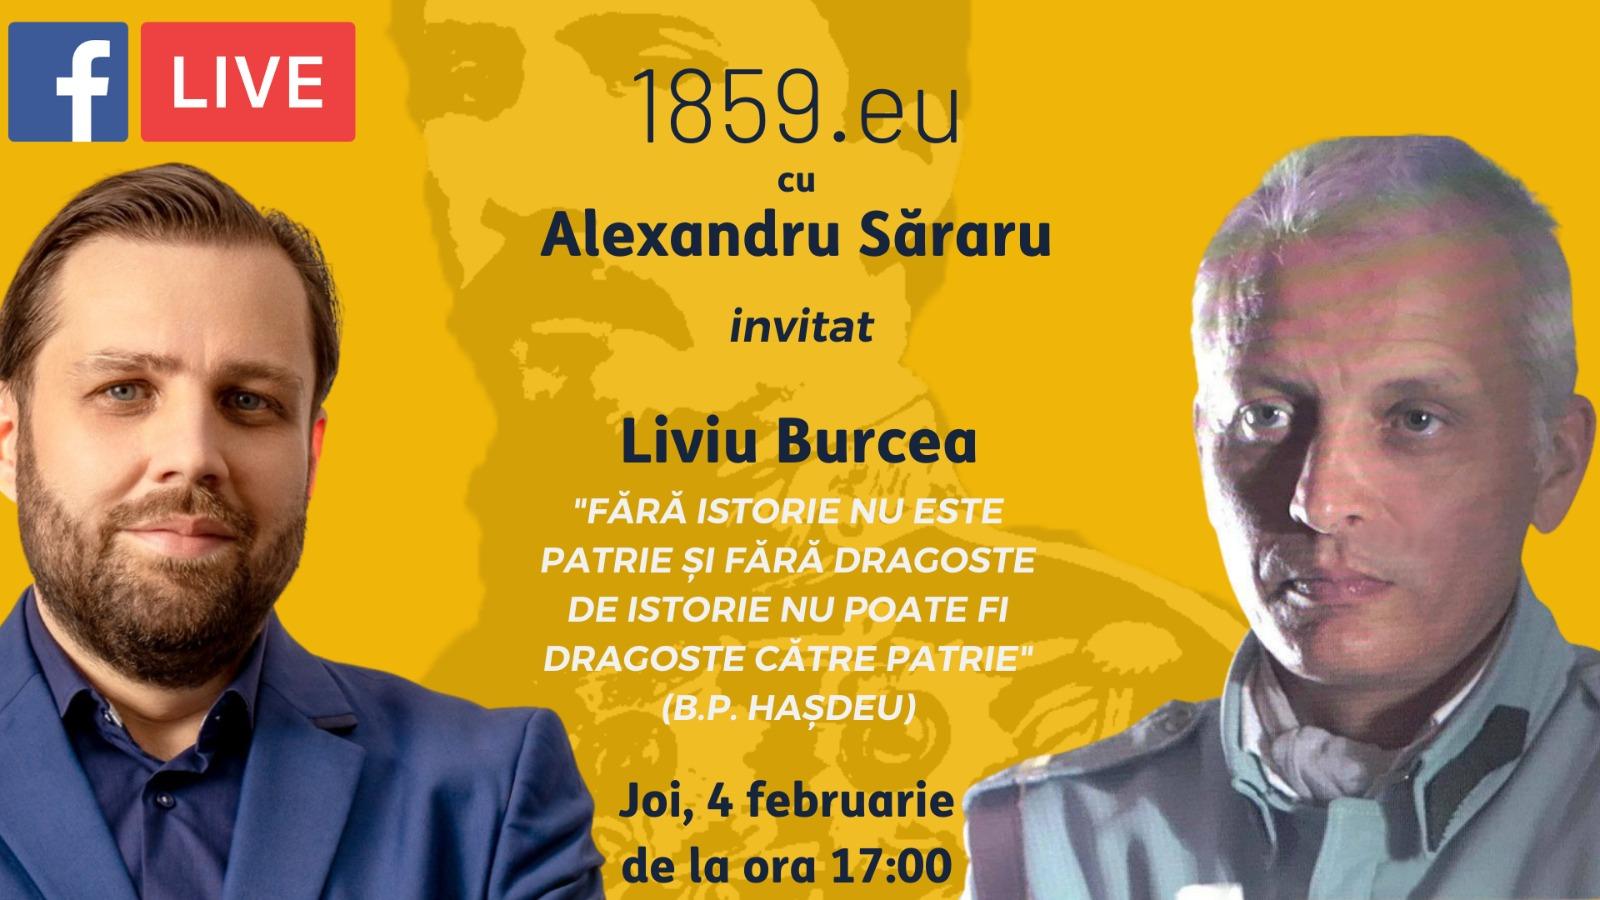 ISTORIA, MAI MULT DECÂT O NECESITATE : Alexandru Săraru în dialog cu Liviu Burcea (4 Februarie 2021)